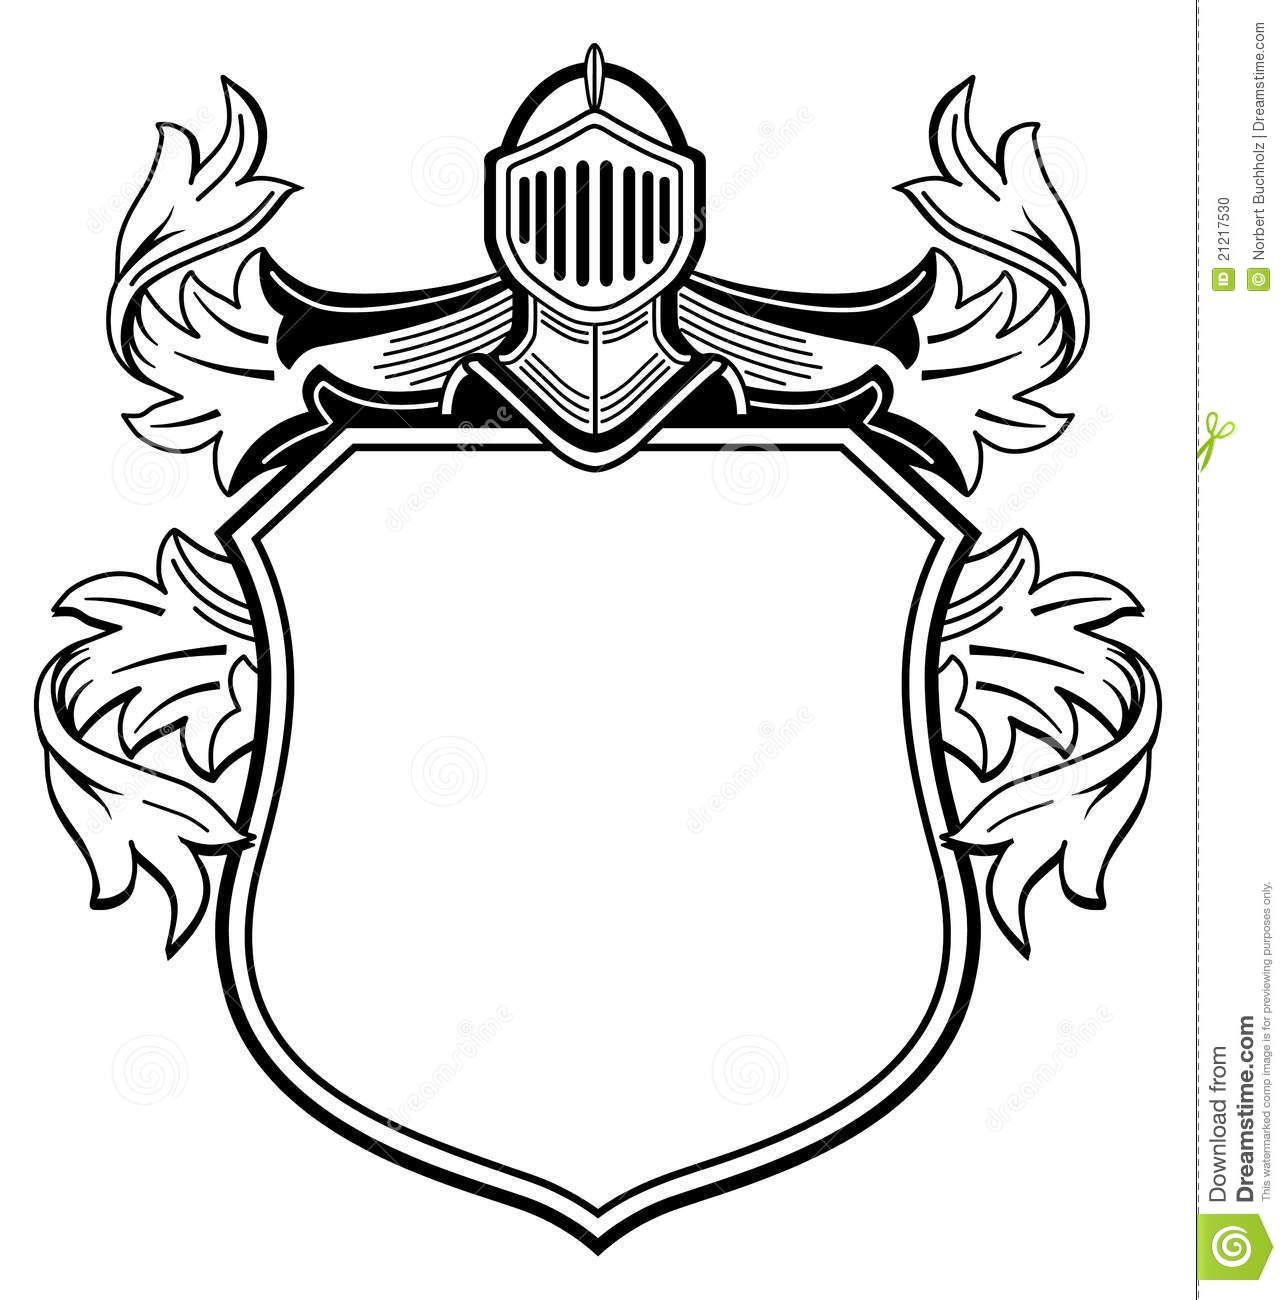 Printable Coat Of Arms Worksheet